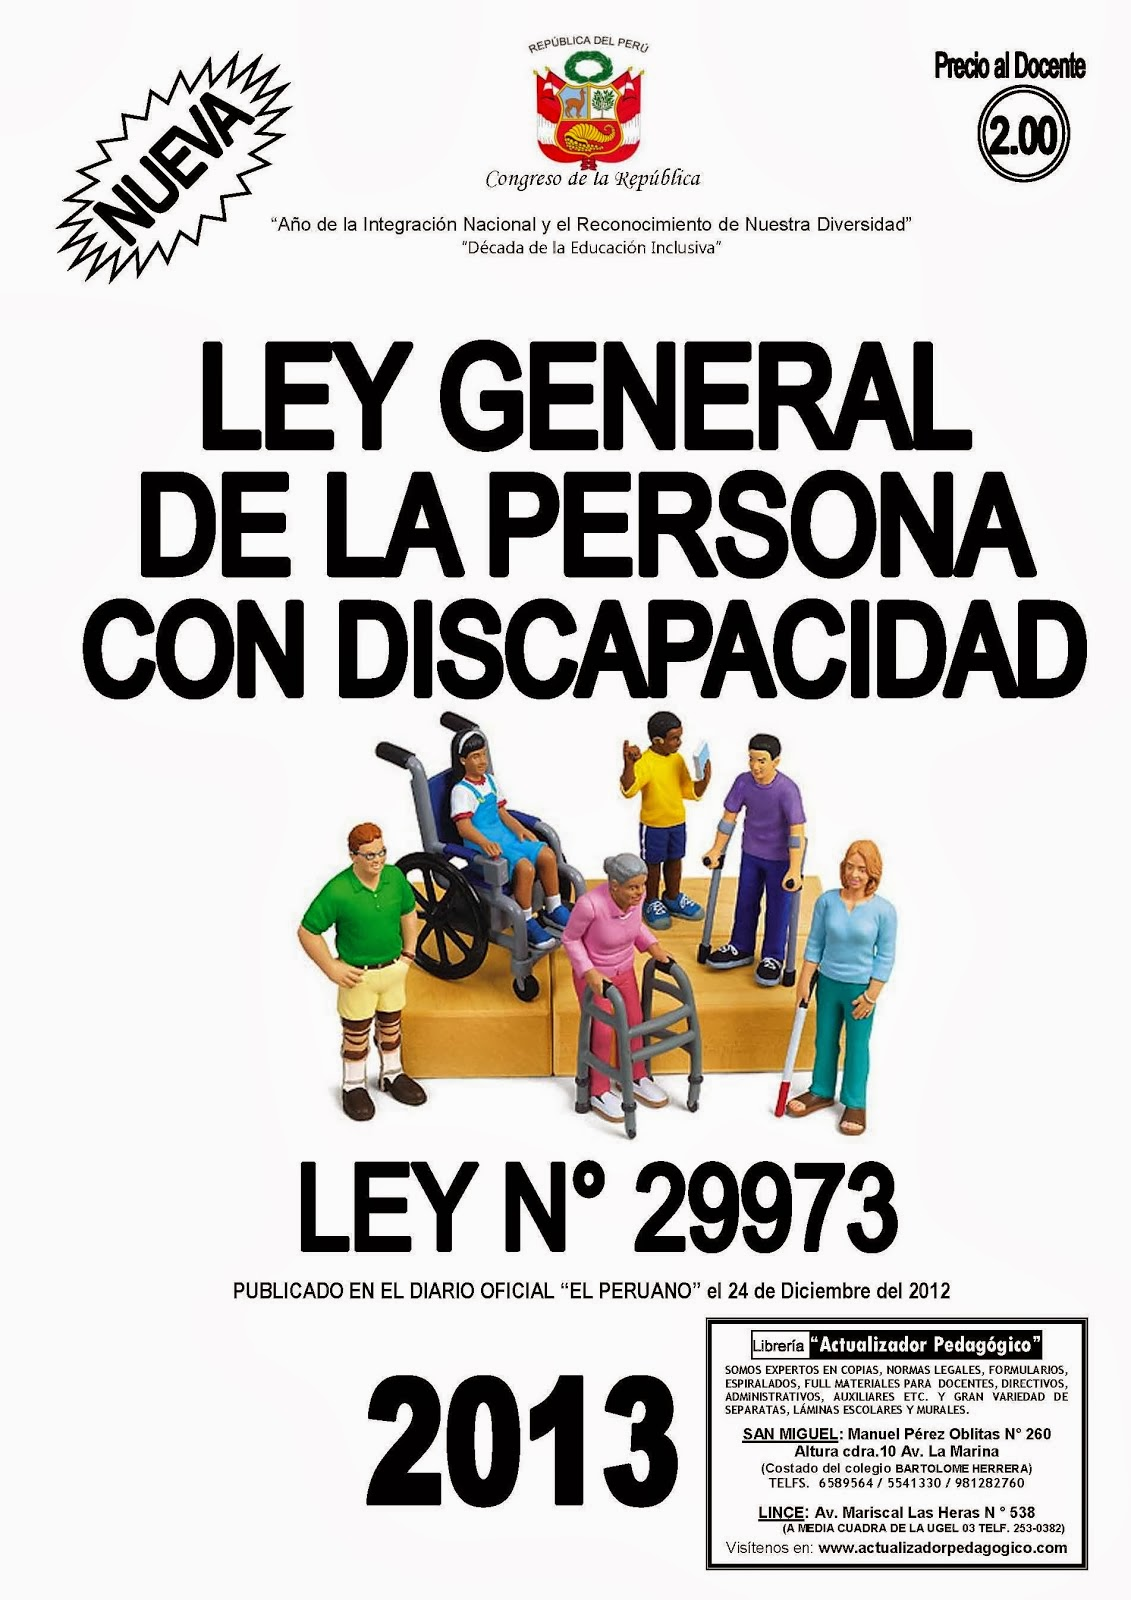 LEY GENERAL DE DERECHOS DE LAS PERSONAS CON DISCAPACIDAD Y DE SU INCLUSIÓN SOCIAL